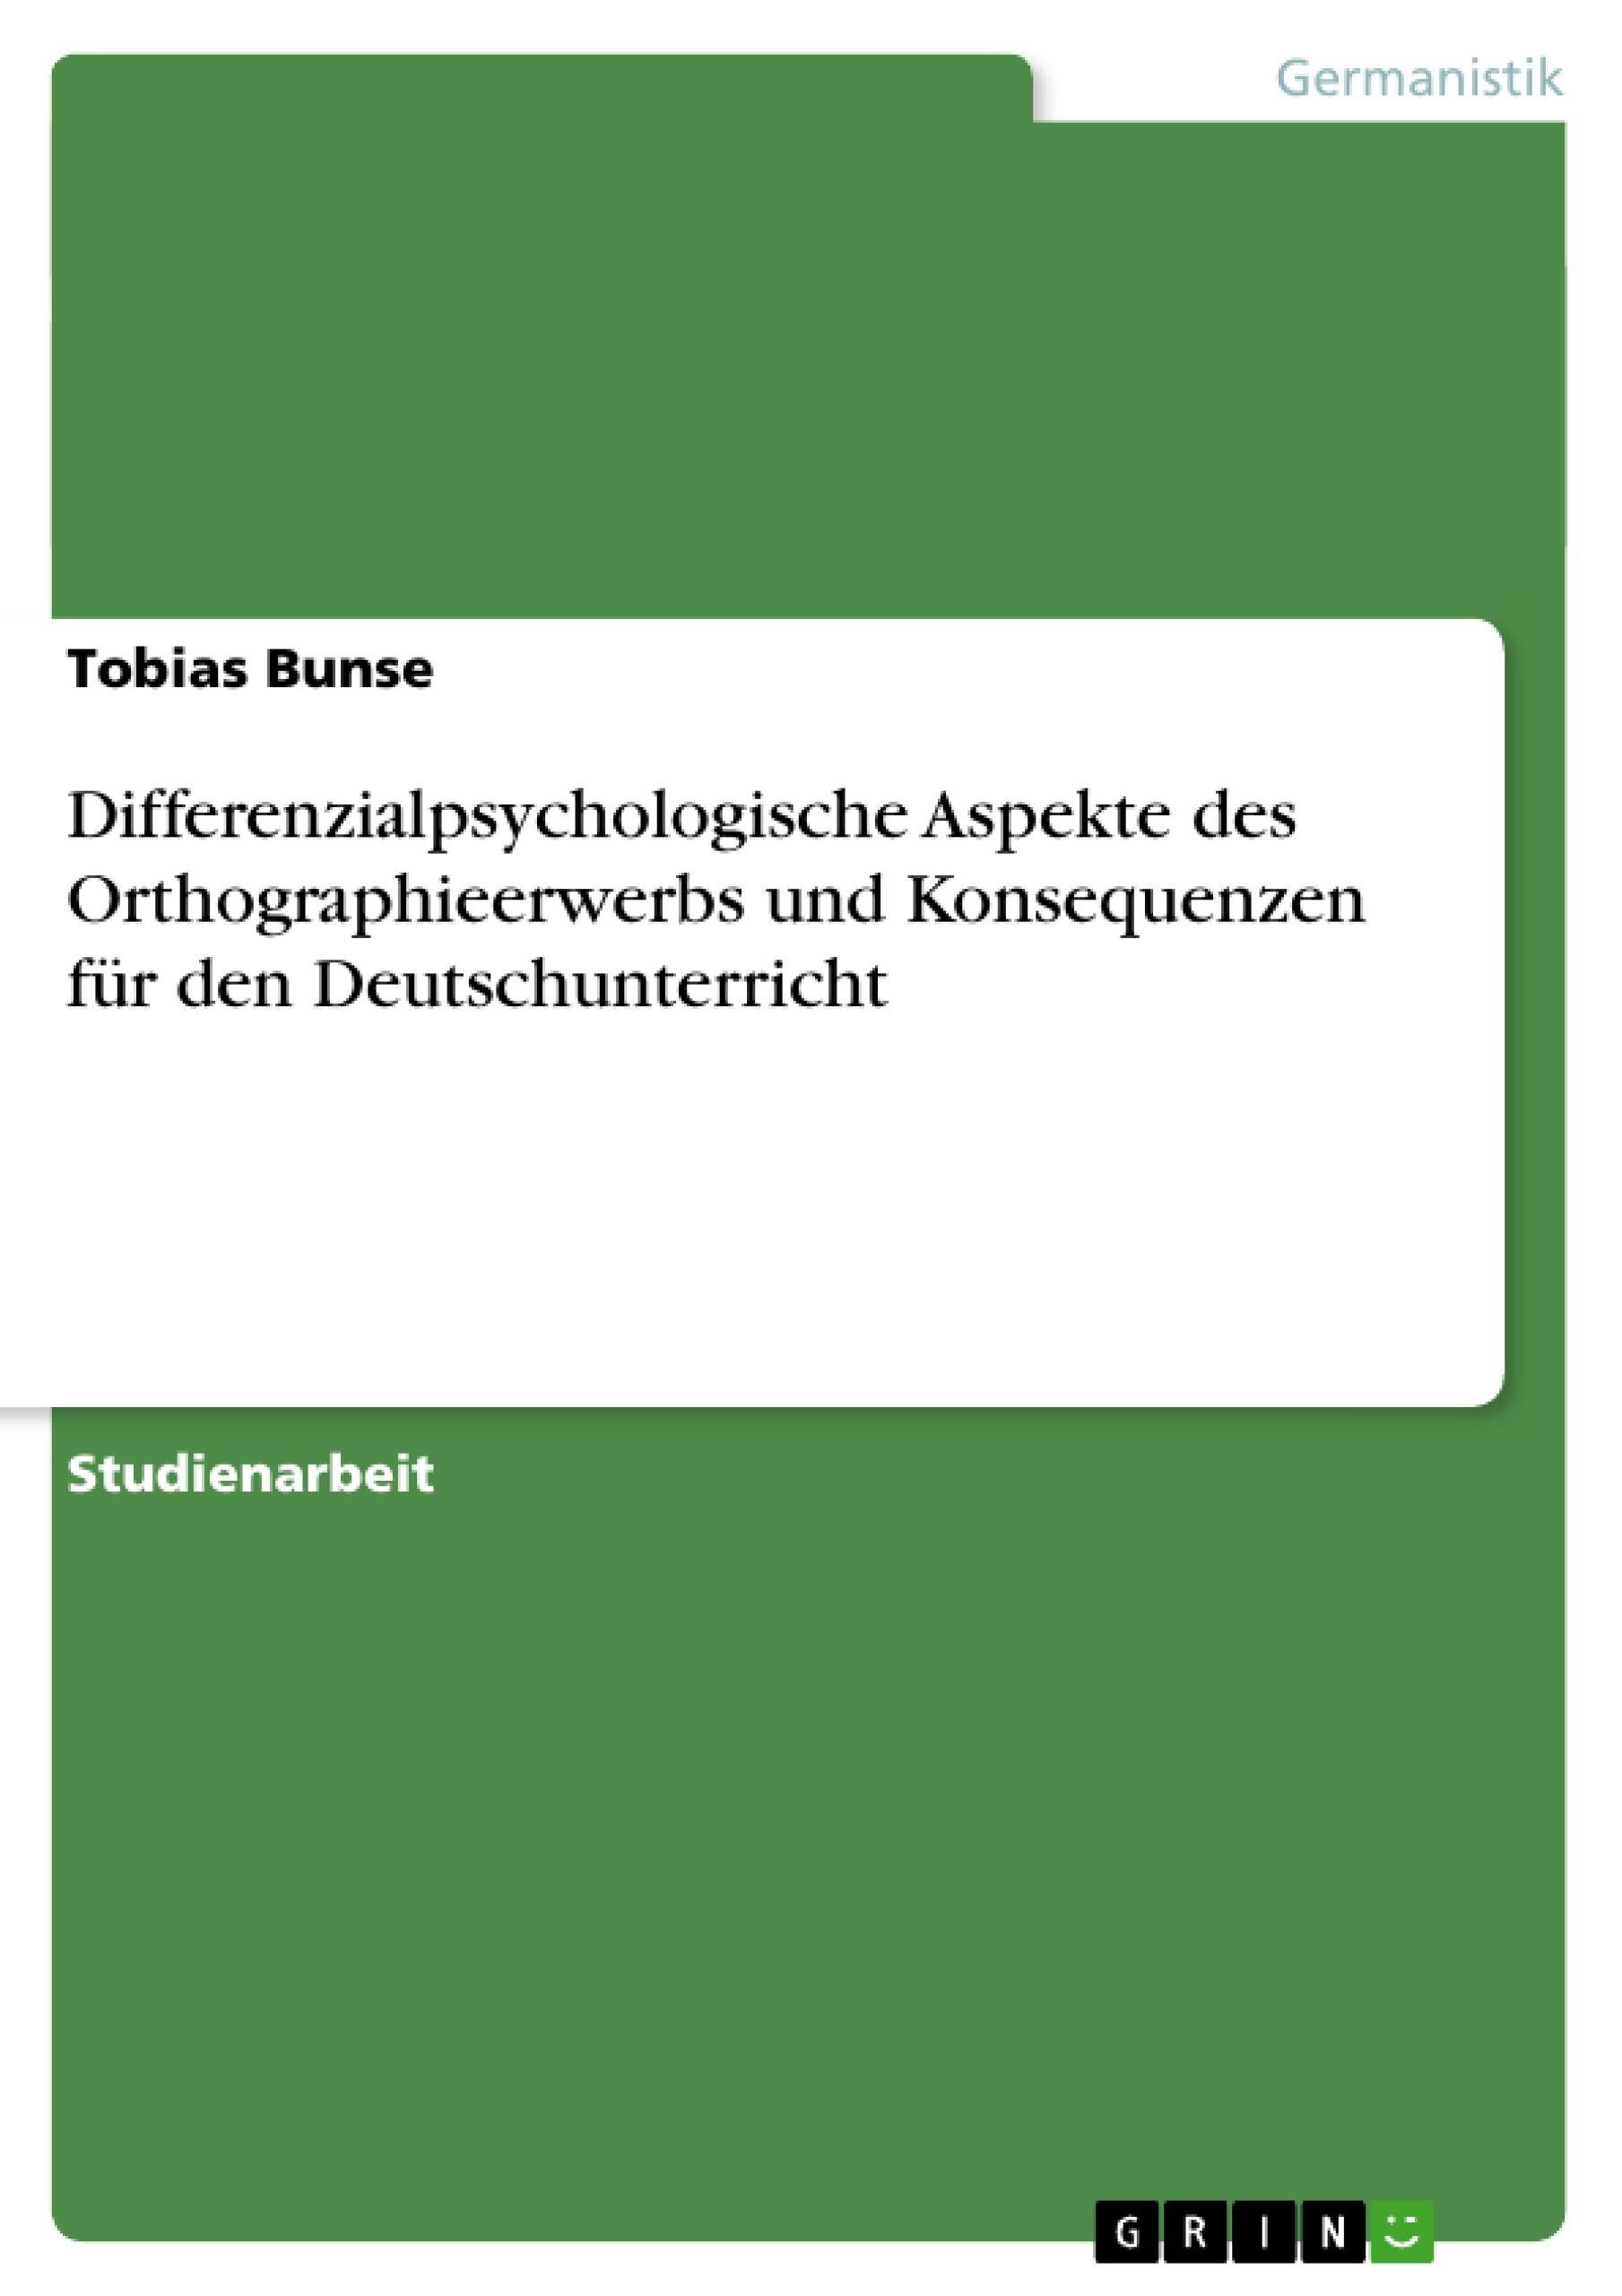 Titel: Differenzialpsychologische Aspekte des Orthographieerwerbs und Konsequenzen für den Deutschunterricht